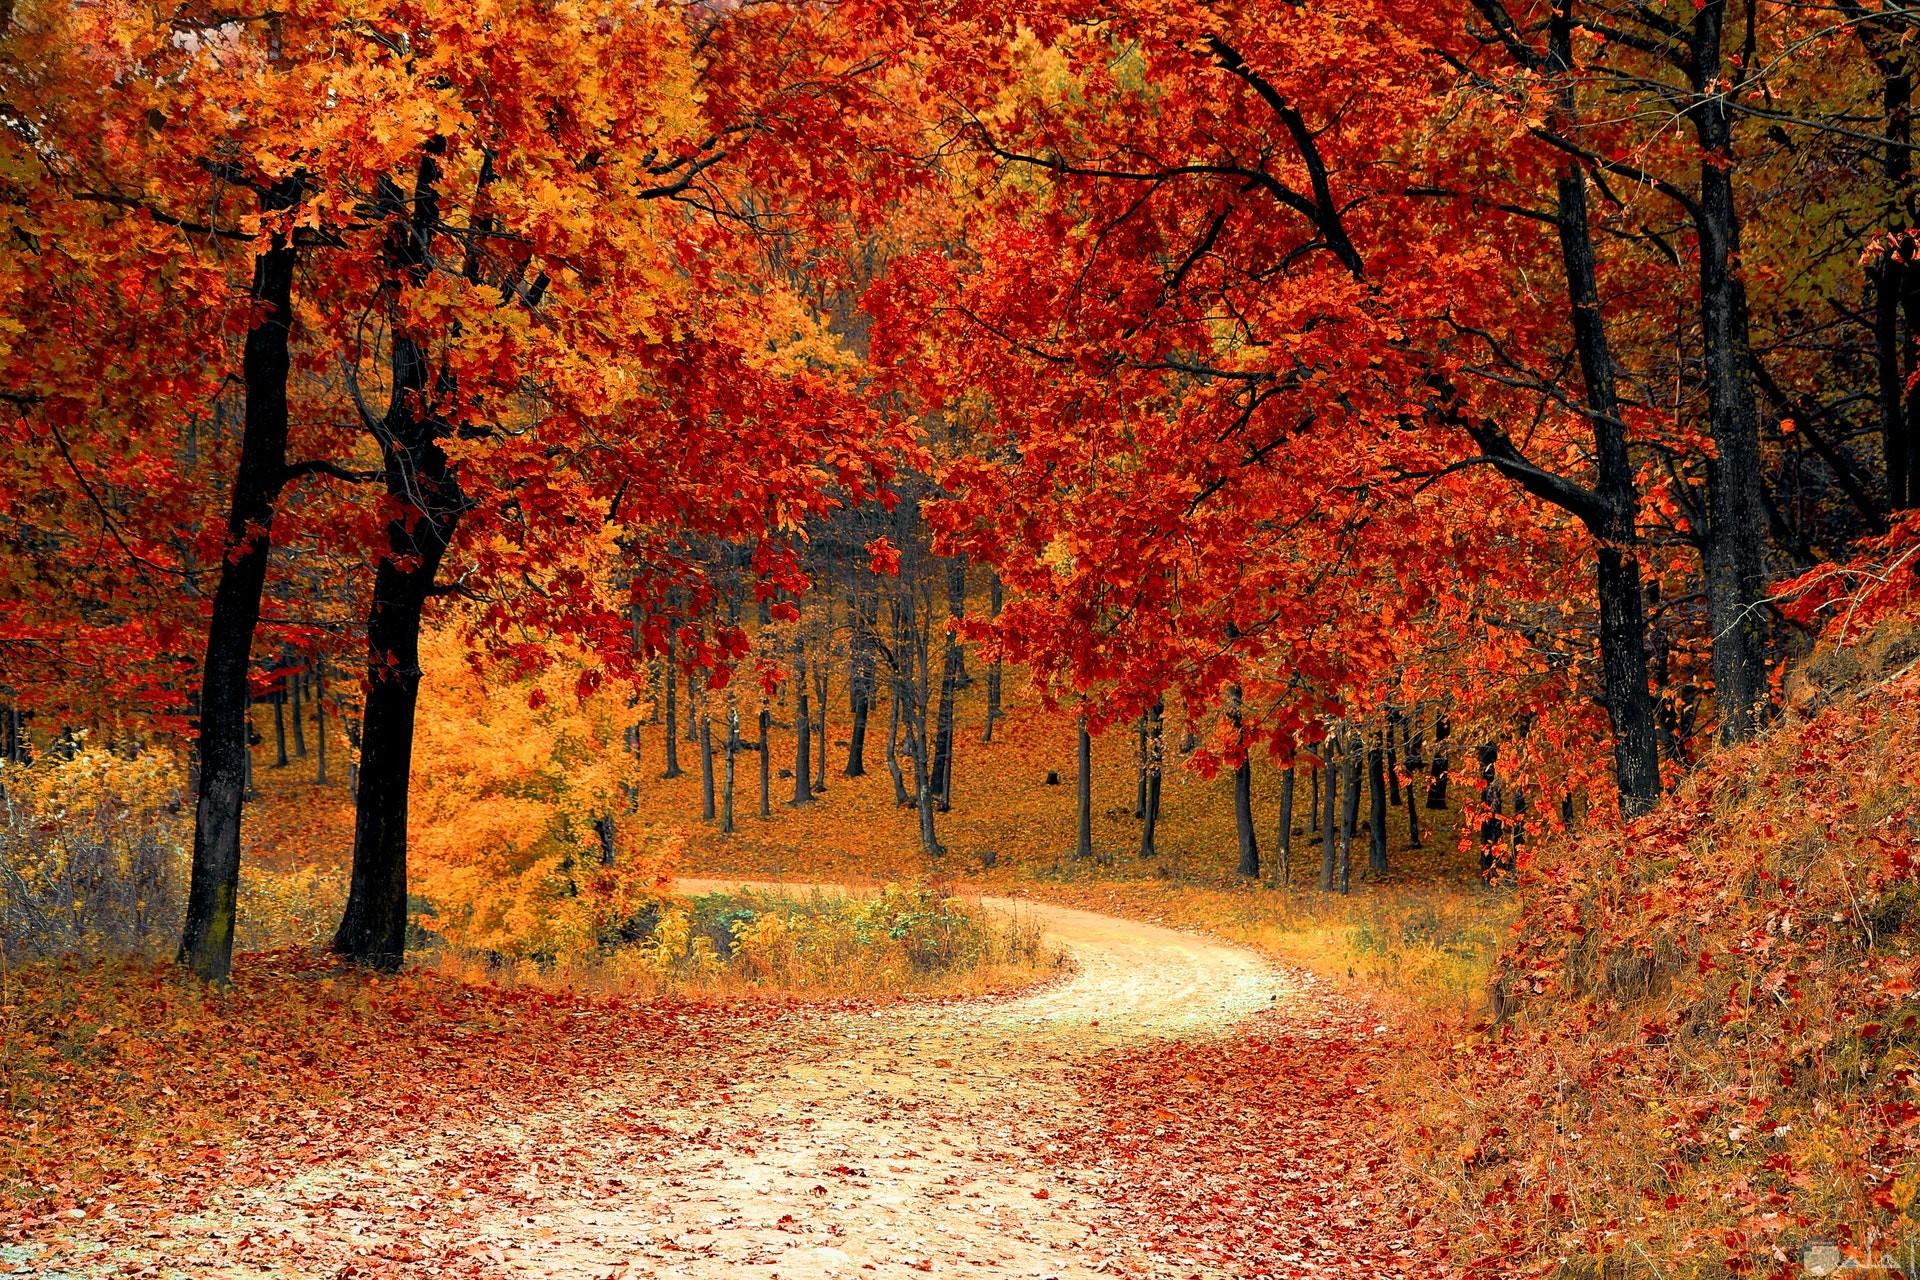 صورة مميزة للطبيعة في فصل الخريف وتساقط أوراق الأشجار